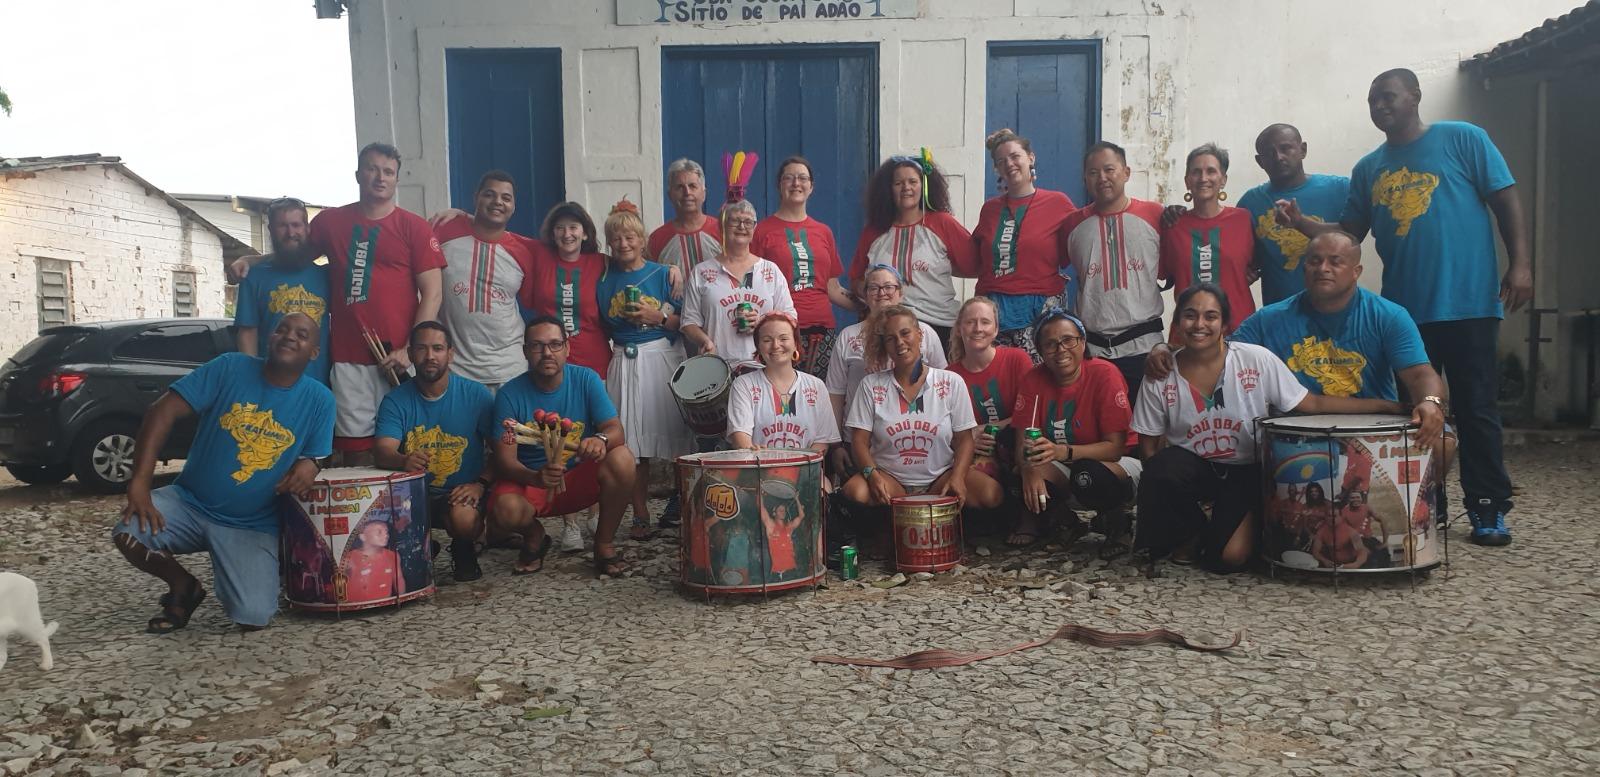 Katumba in Brazil